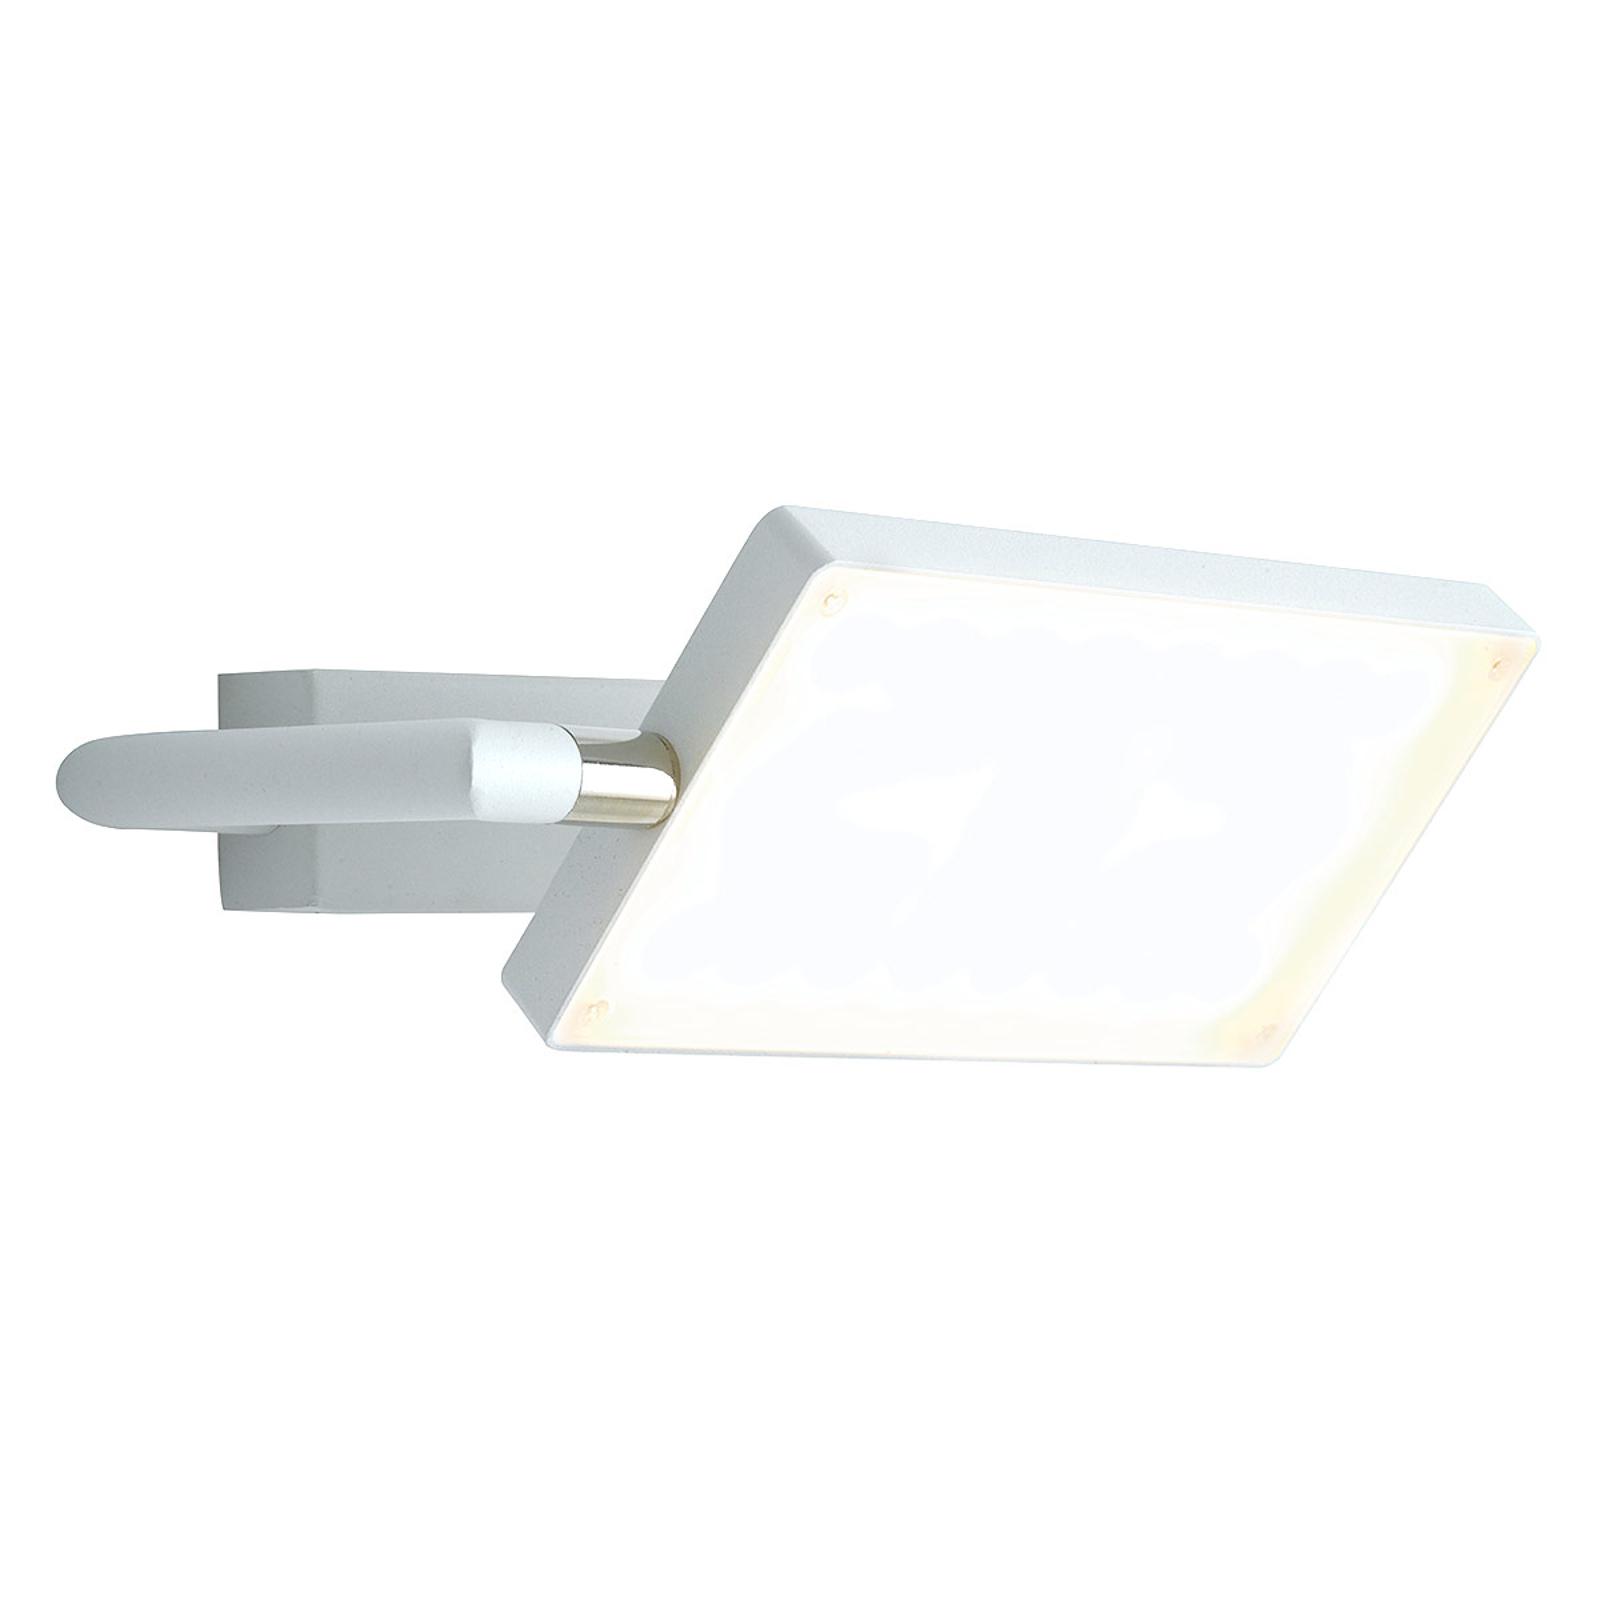 LED-Wandleuchte Book, weiß